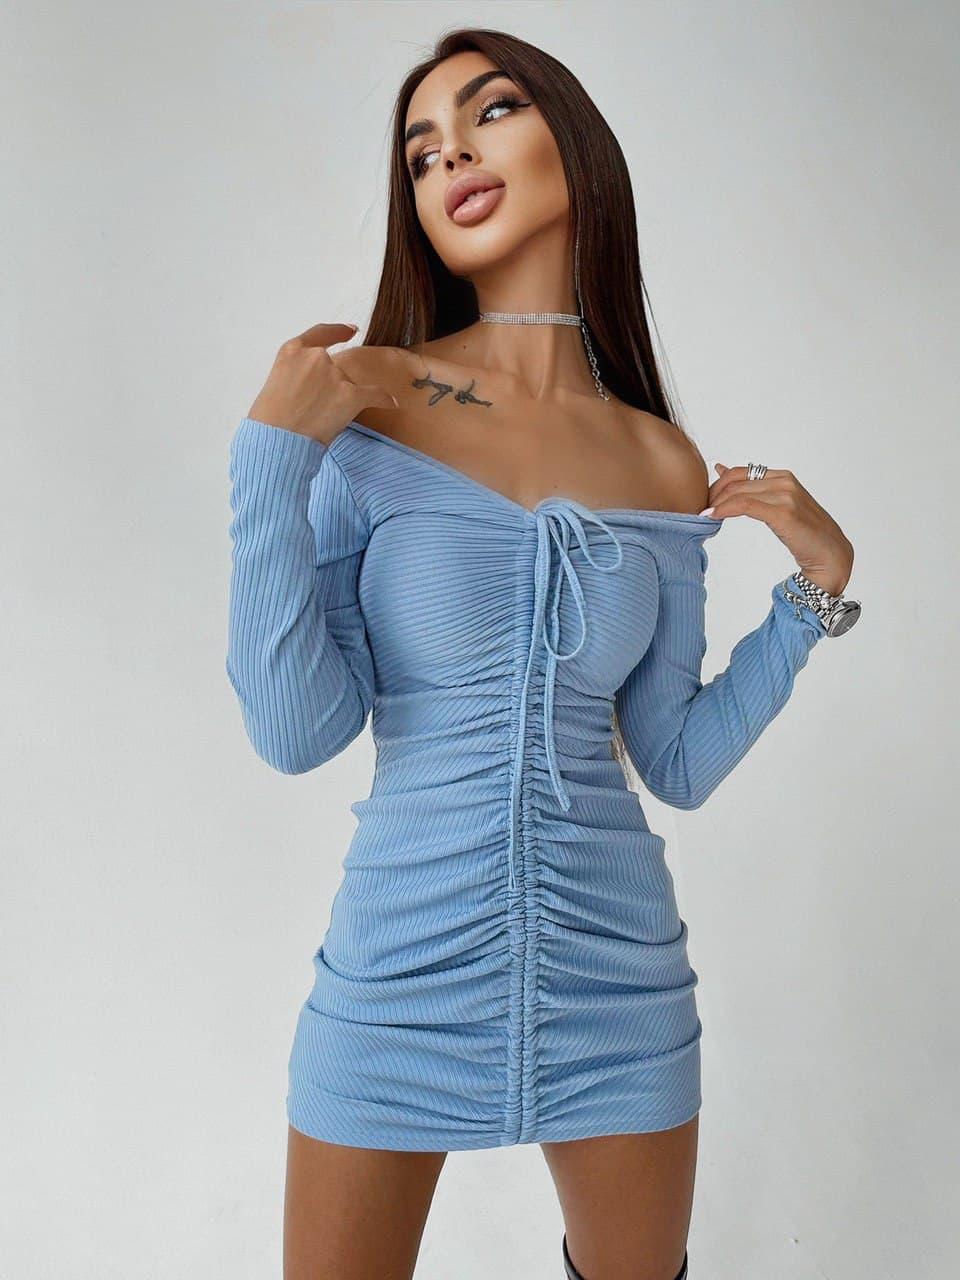 Коротке плаття з затяжкою і відкритими плечах трендові довжиною міні (р. S, M) 66032952Е